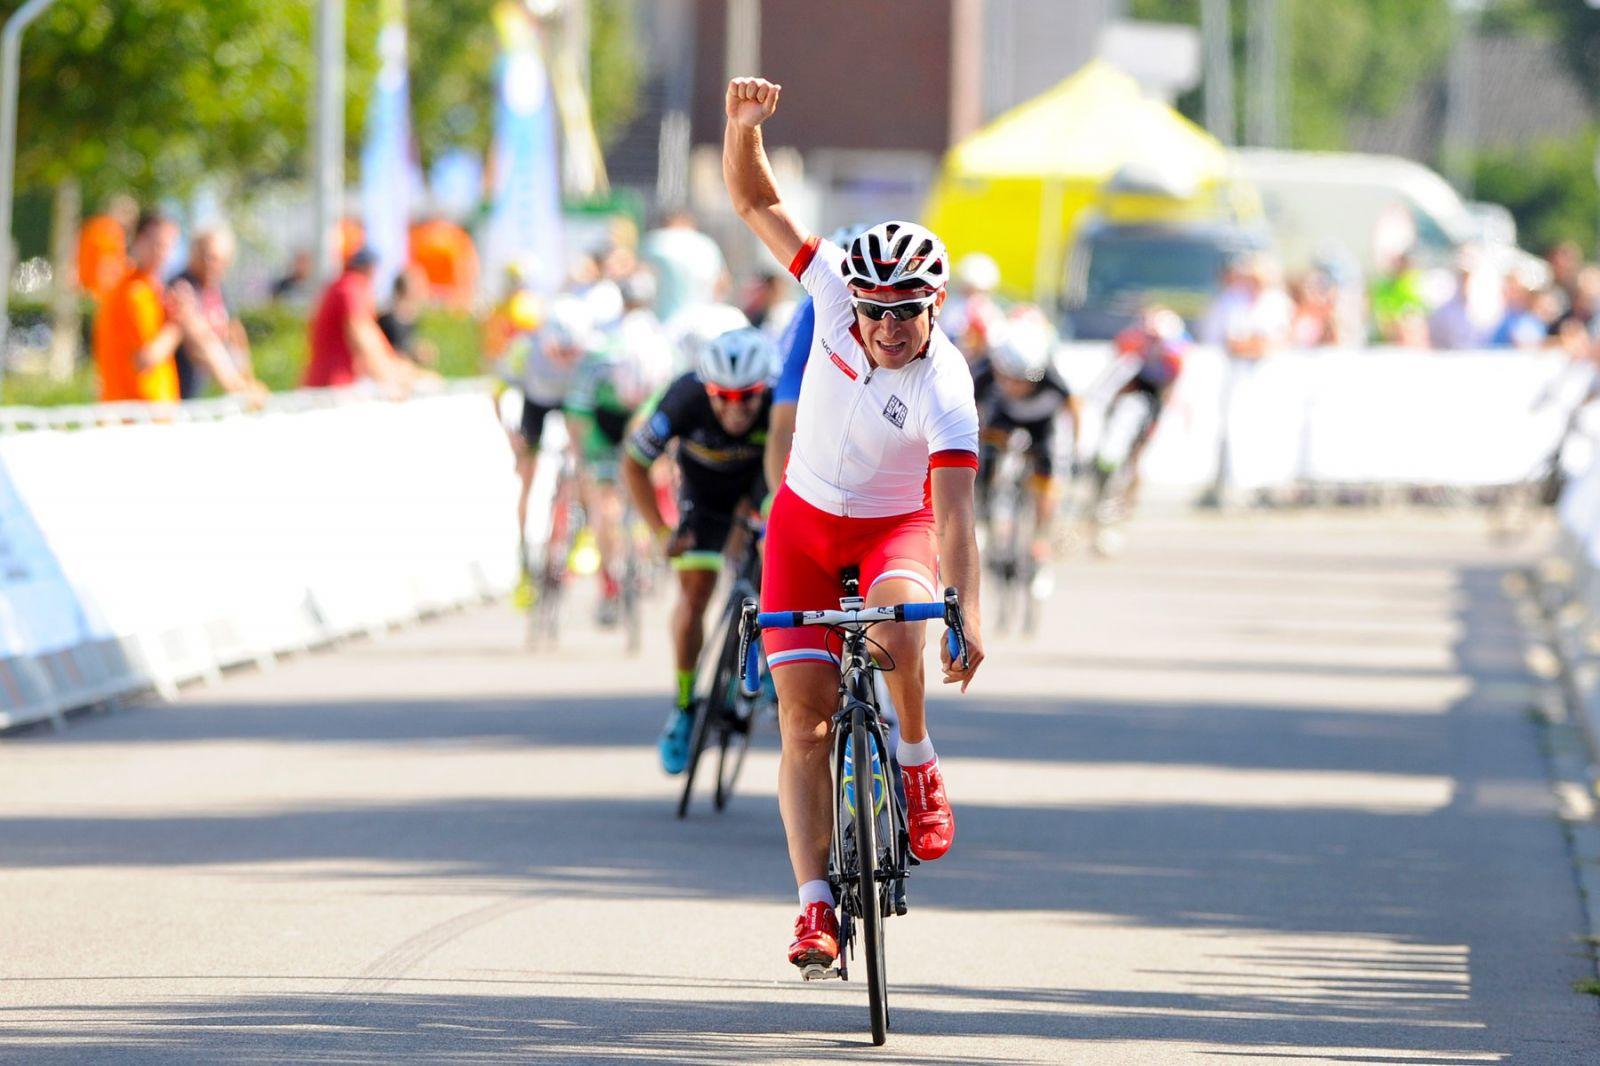 2 золотые, 3 серебряные и 5 бронзовых медалей завоевала сборная команда России на Кубке мира по велоспорту в Нидерландах